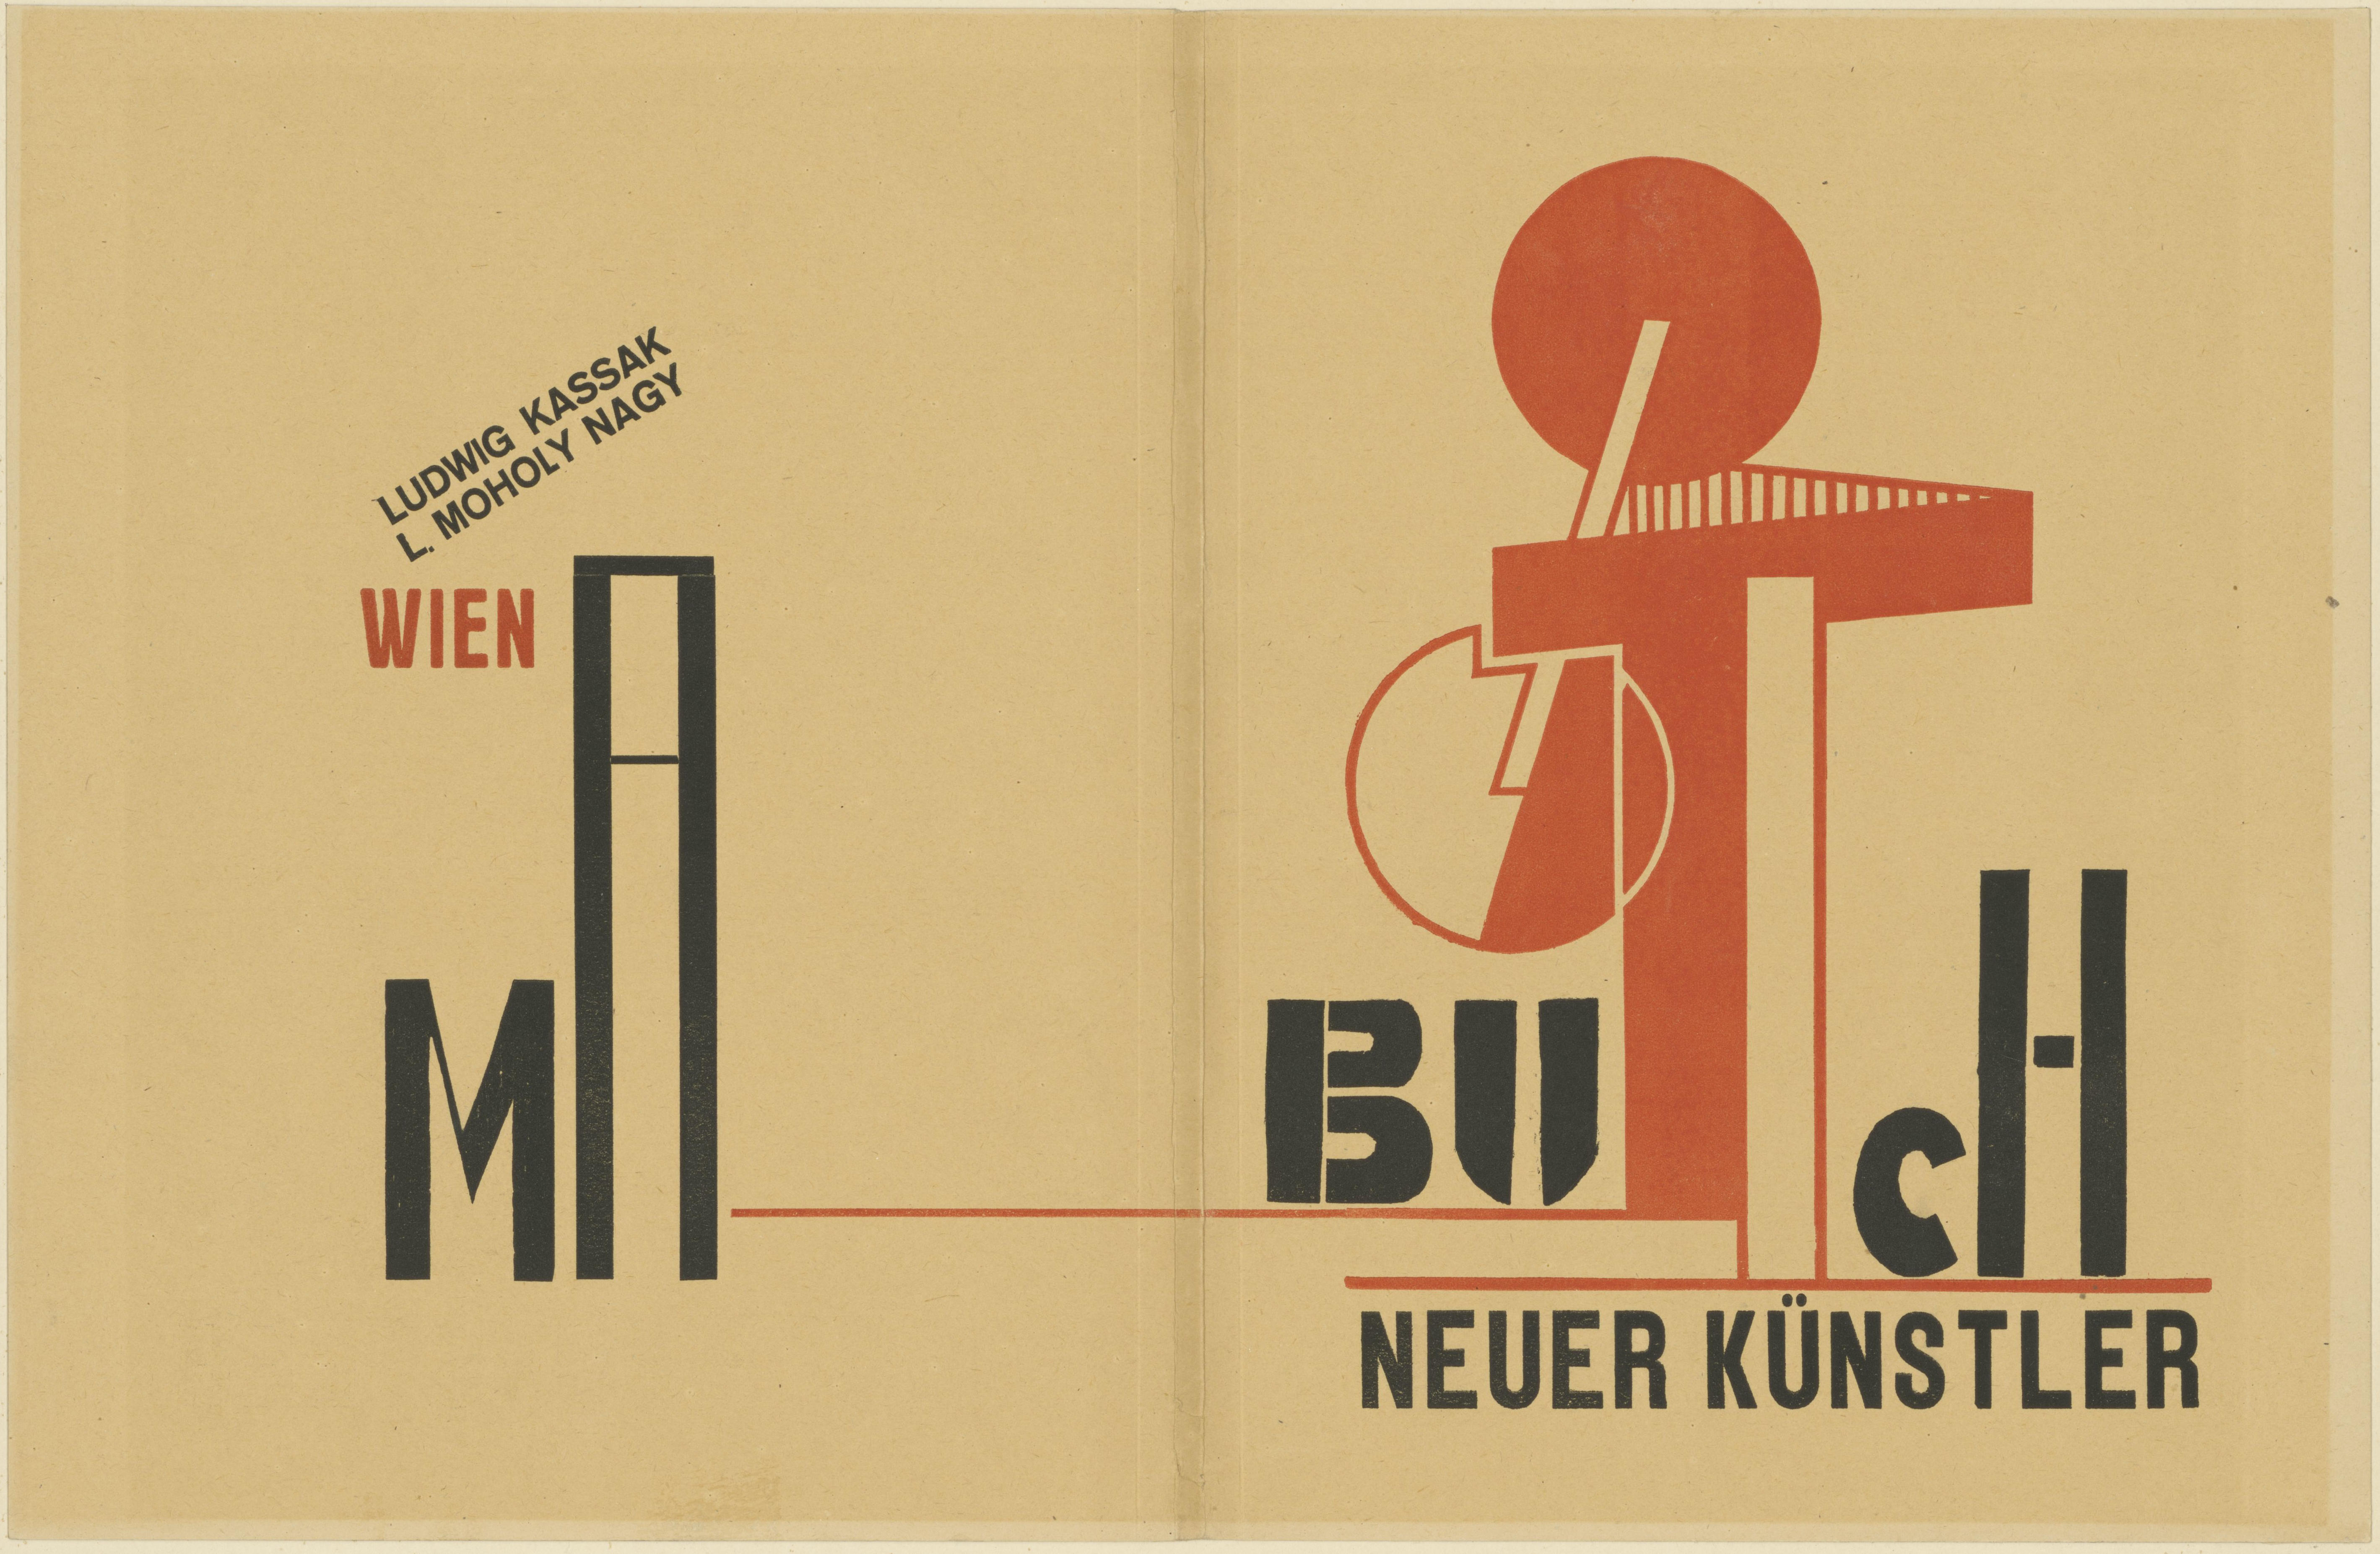 László Moholy-Nagy, Wohin geht die typographische Entwicklung, Tafel 9, Collage, 1929 © Kunstbibliothek, Staatliche Museen zu Berlin